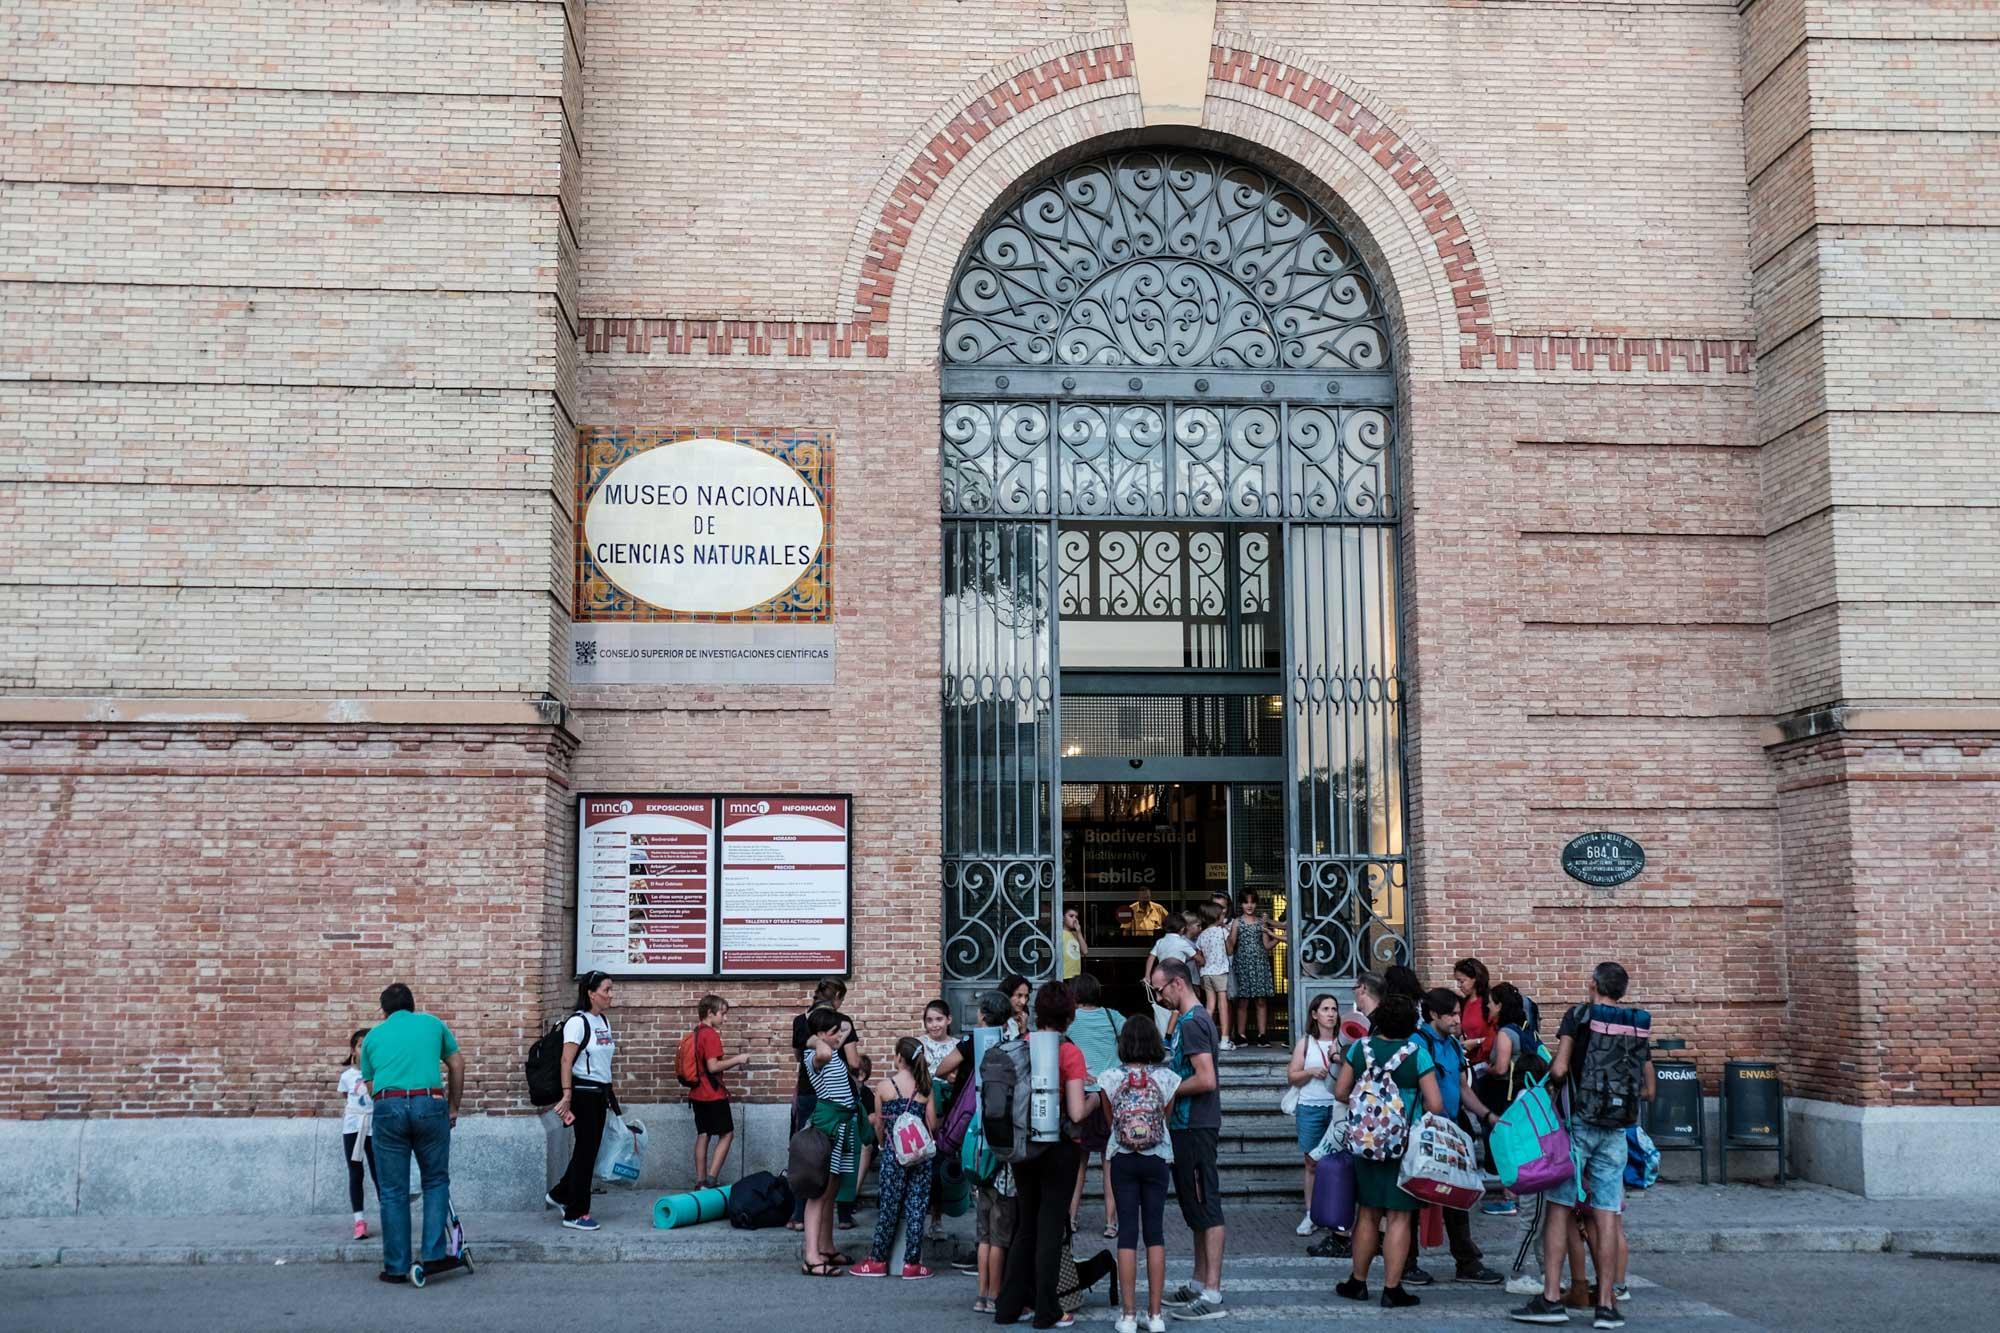 En la puerta del museo, todos listos para entrar con sacos de dormir y esterillas incluidos.